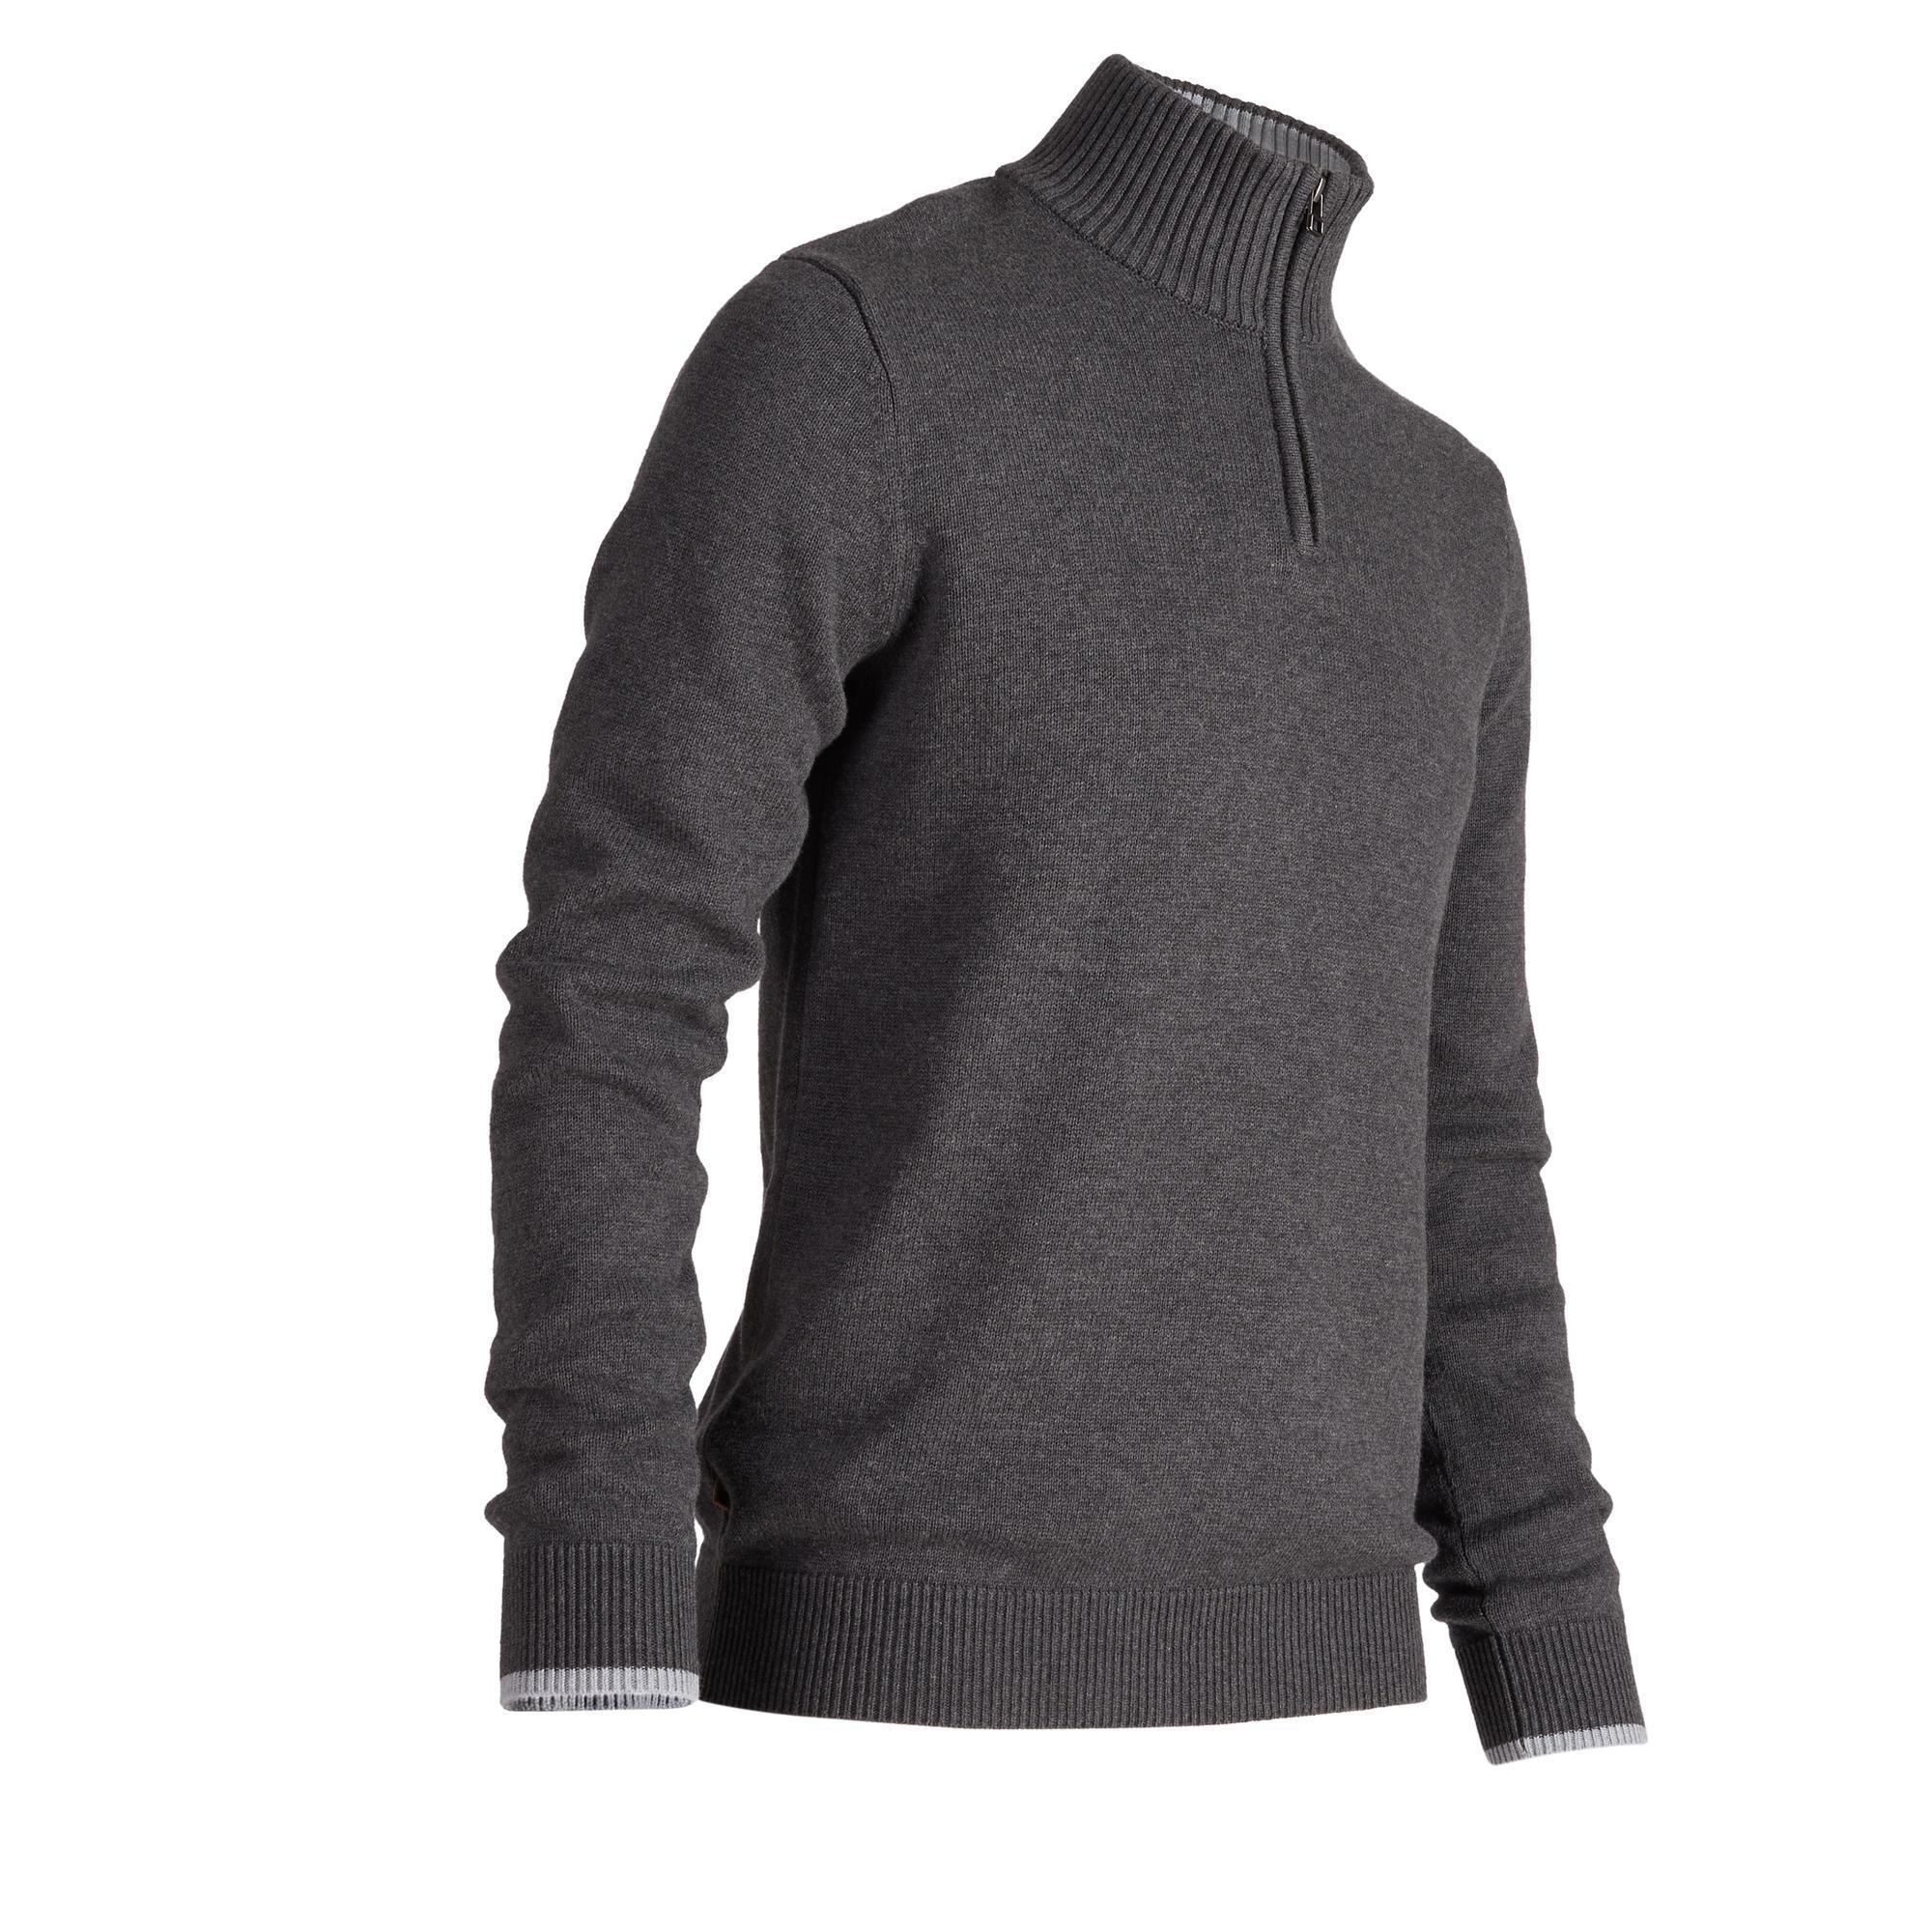 Bovenkleding heren kopen met voordeel